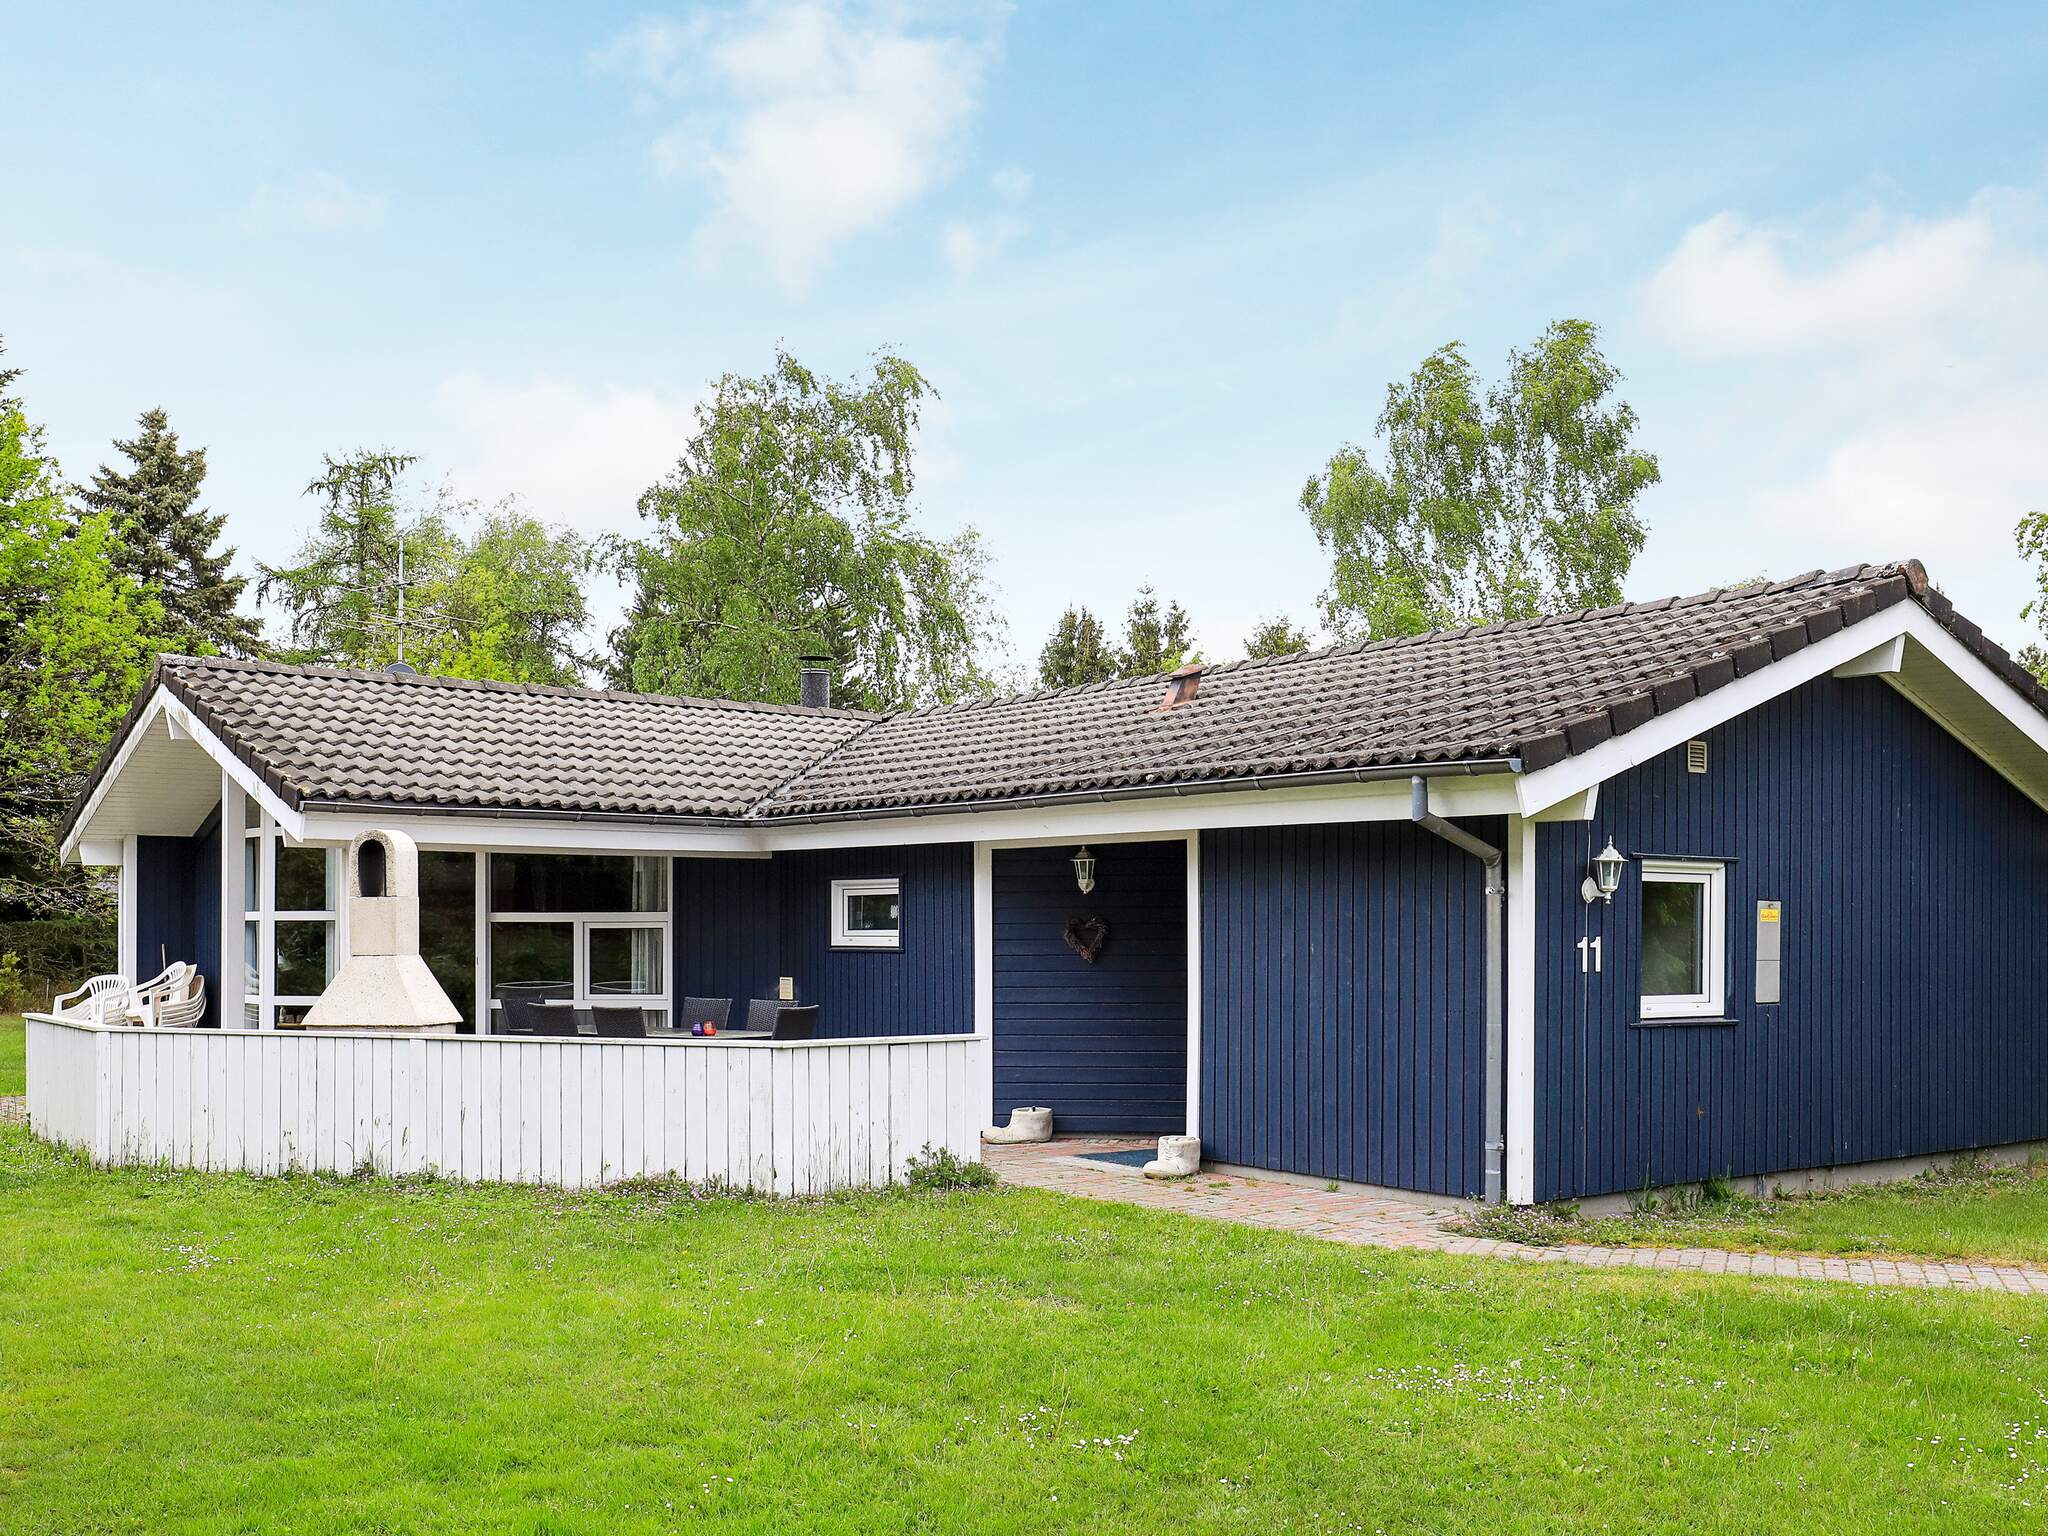 Ferienhaus Marielyst (83562), Marielyst, , Falster, Dänemark, Bild 1